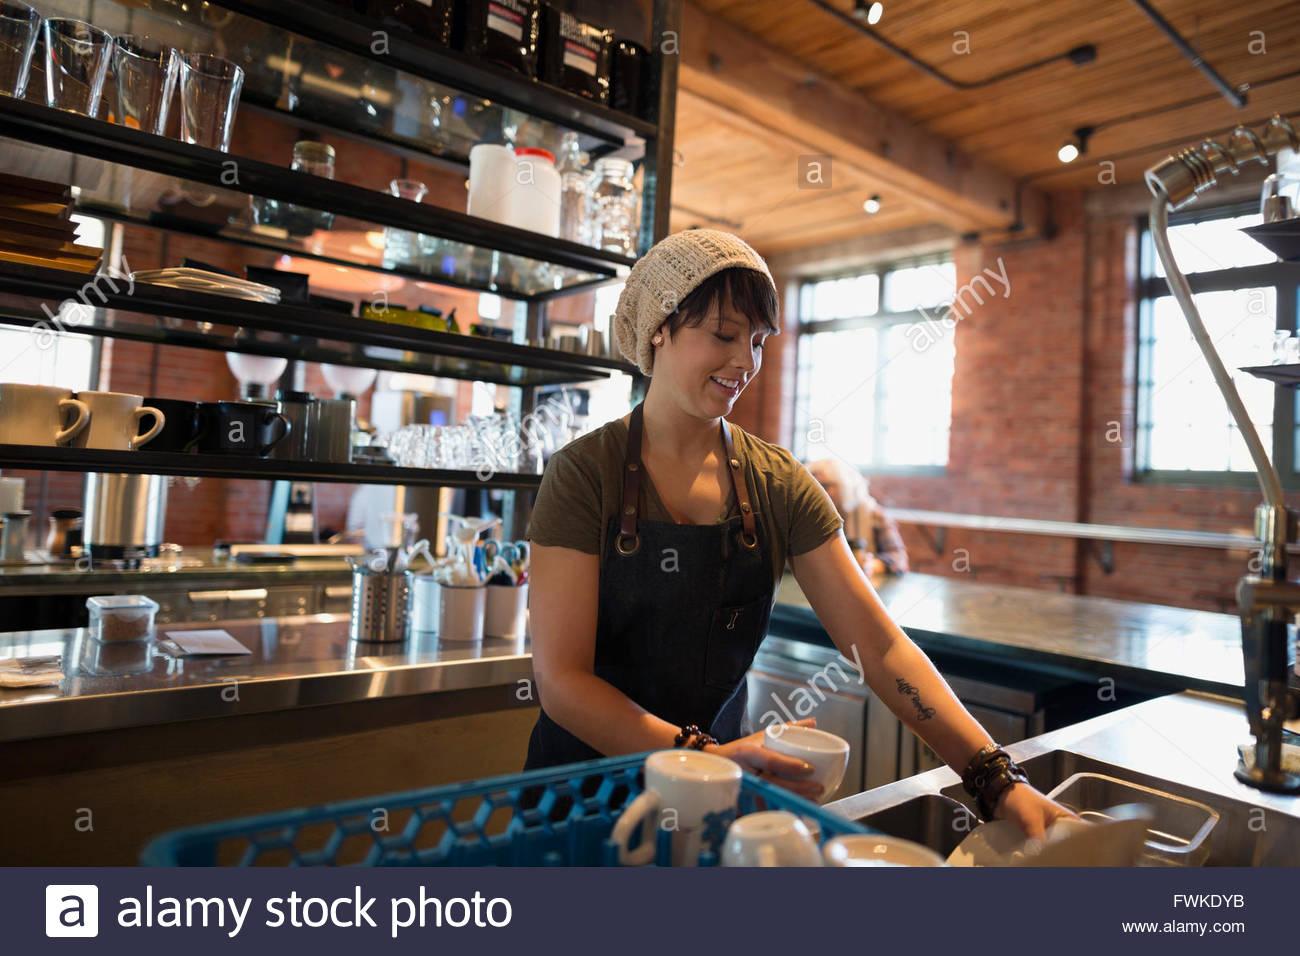 Arbeiter Geschirrspülen in Coffee-shop Stockbild